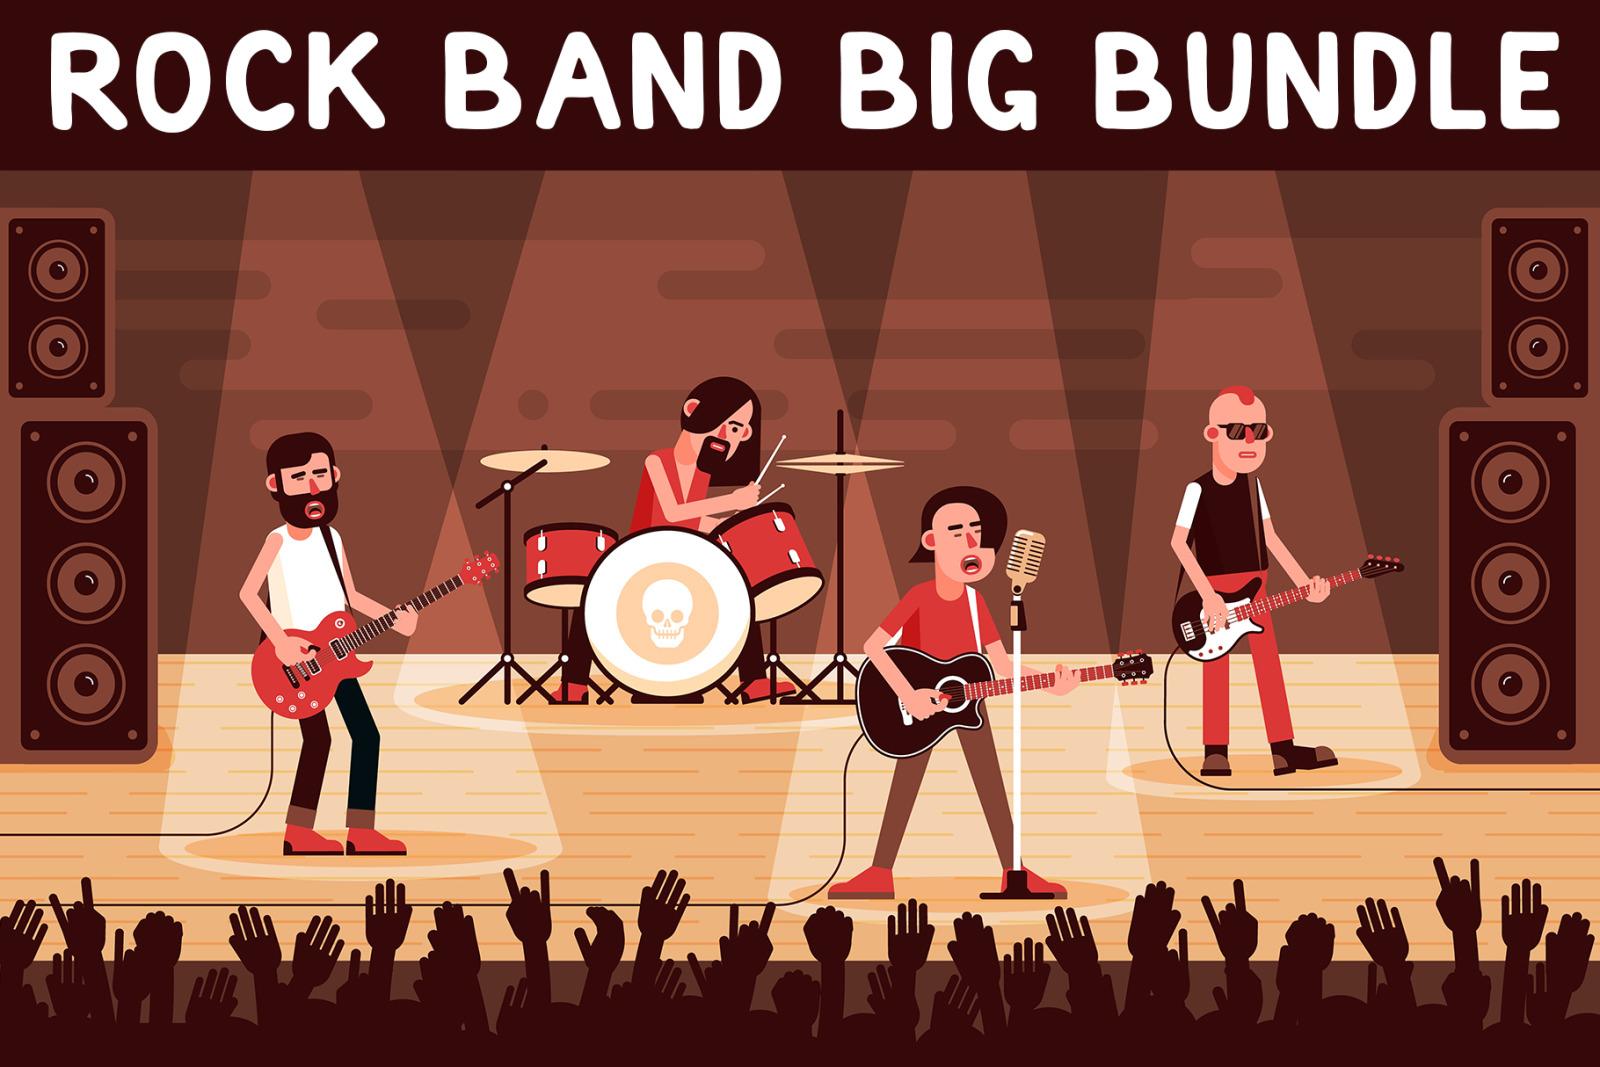 Rock Band Big Bundle